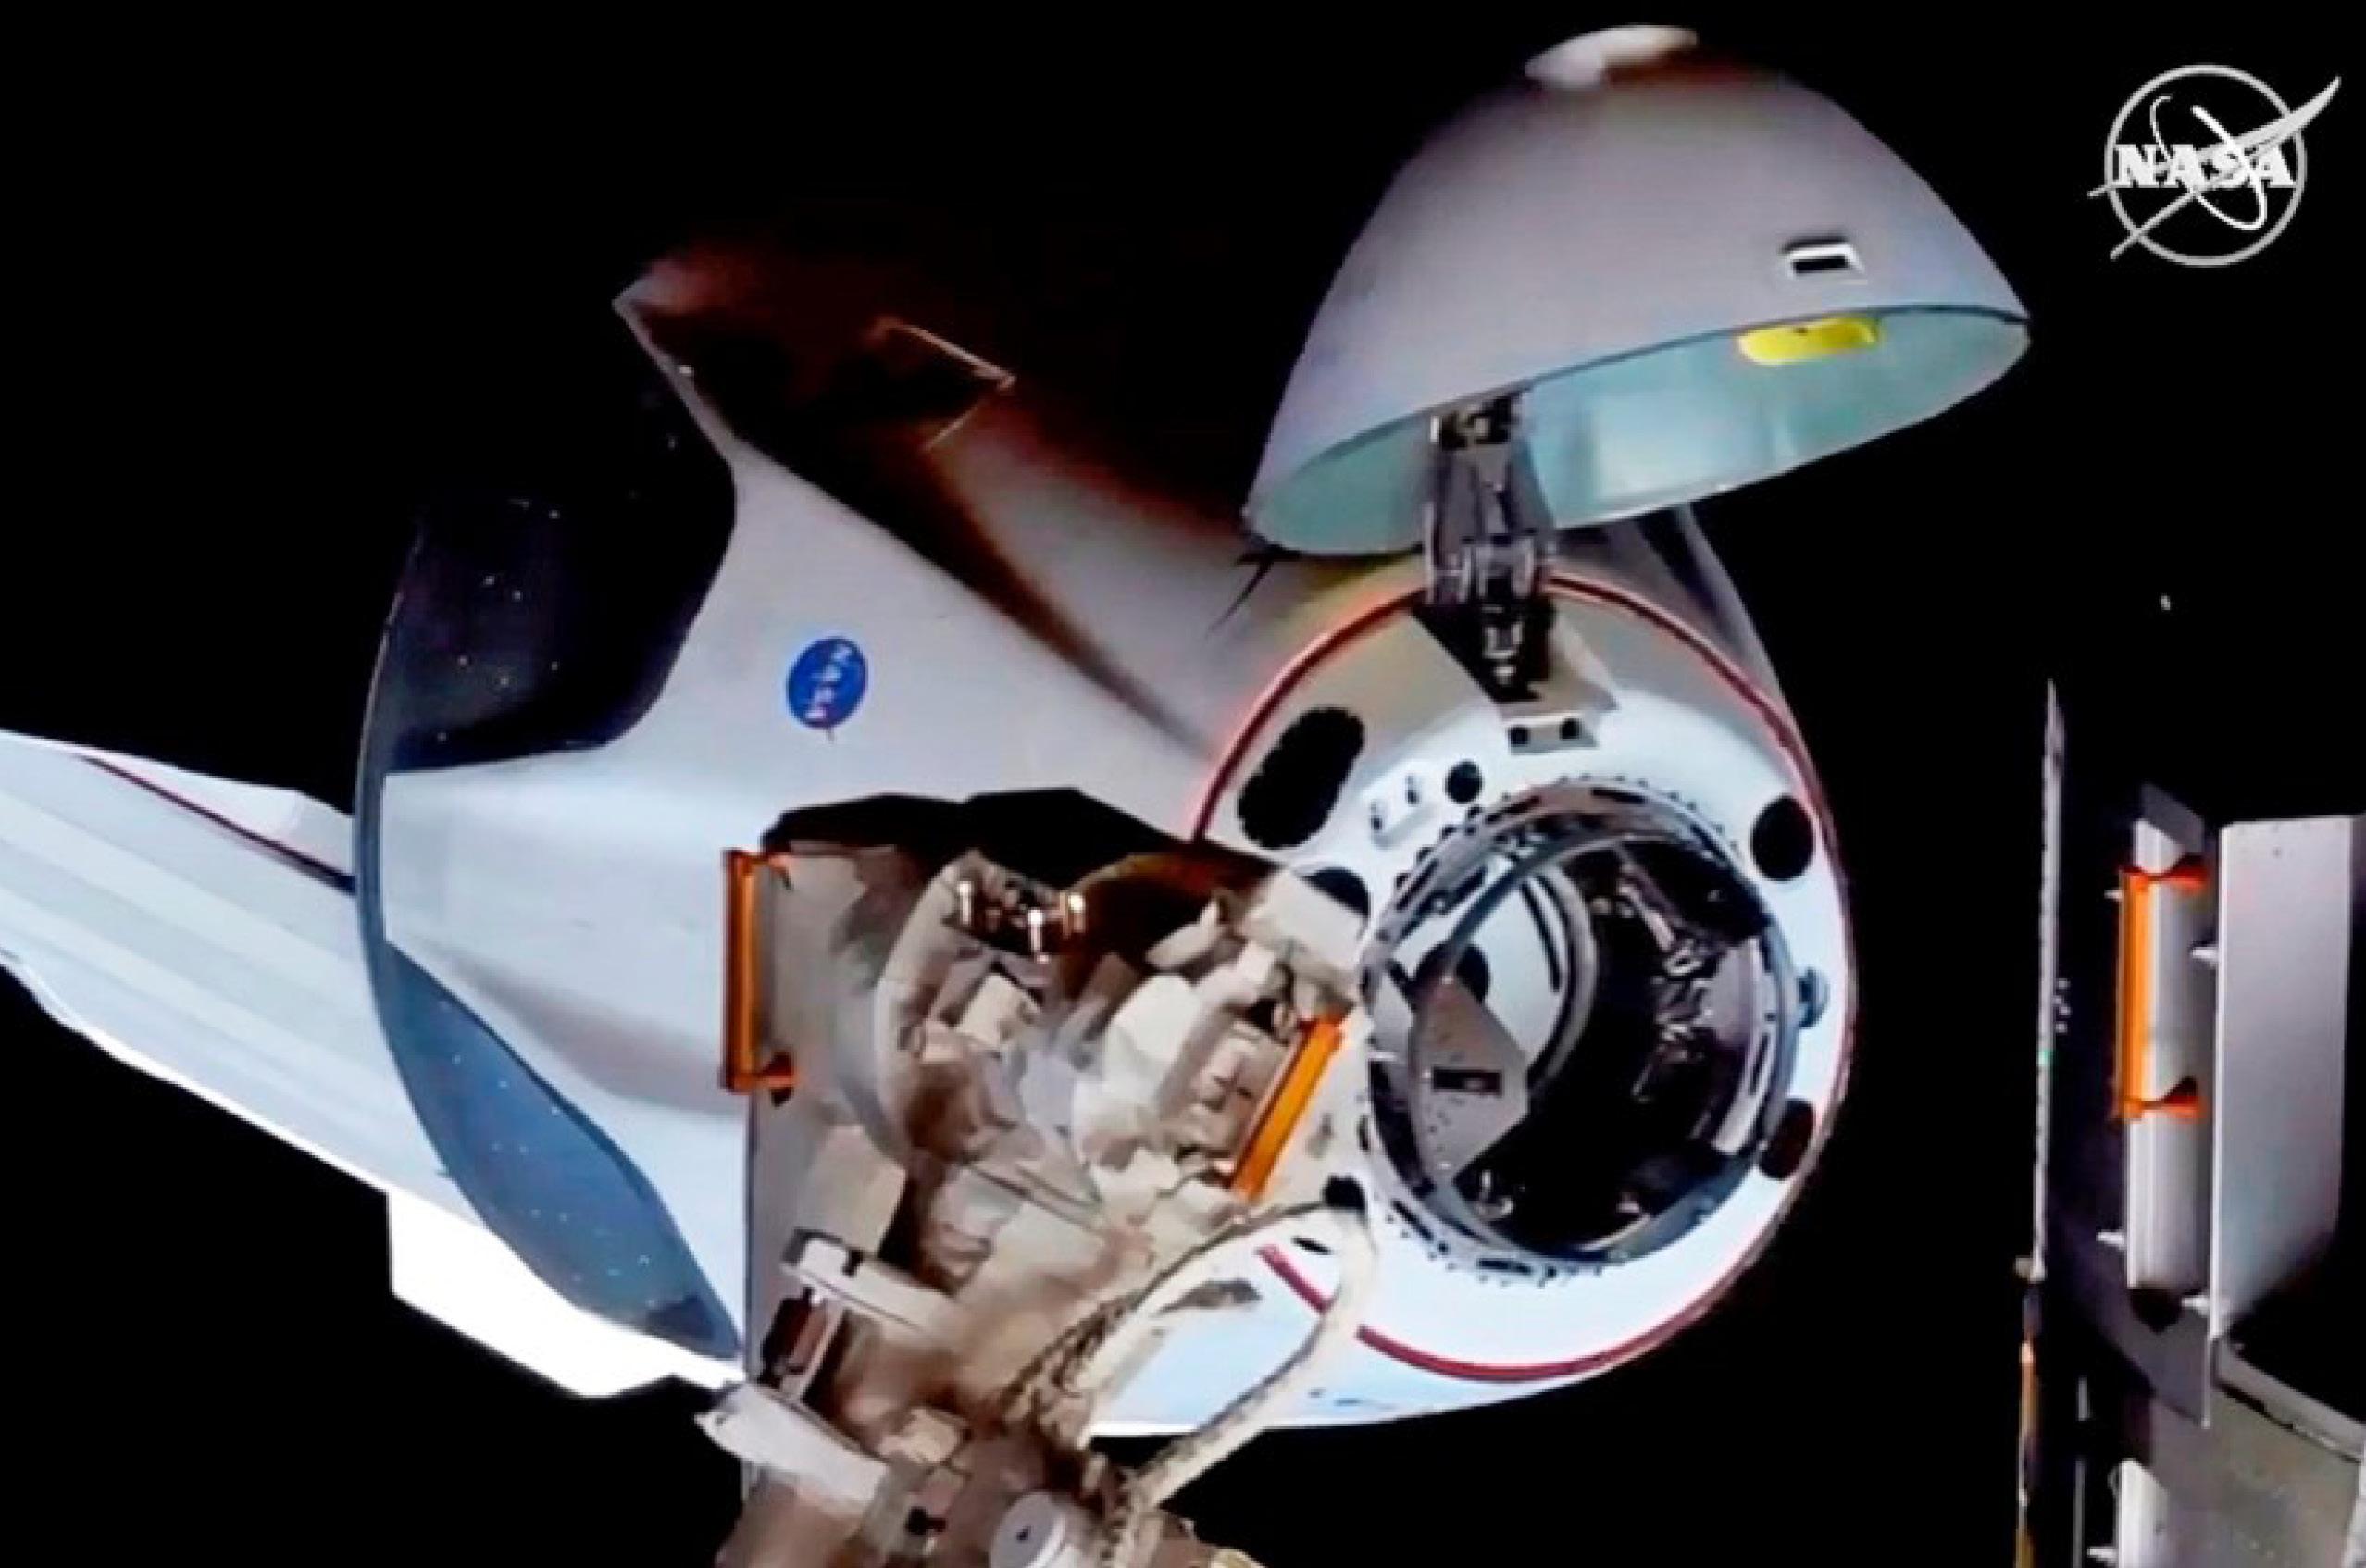 Tras 19 horas de vuelo, Astronautas llegan a la EEI